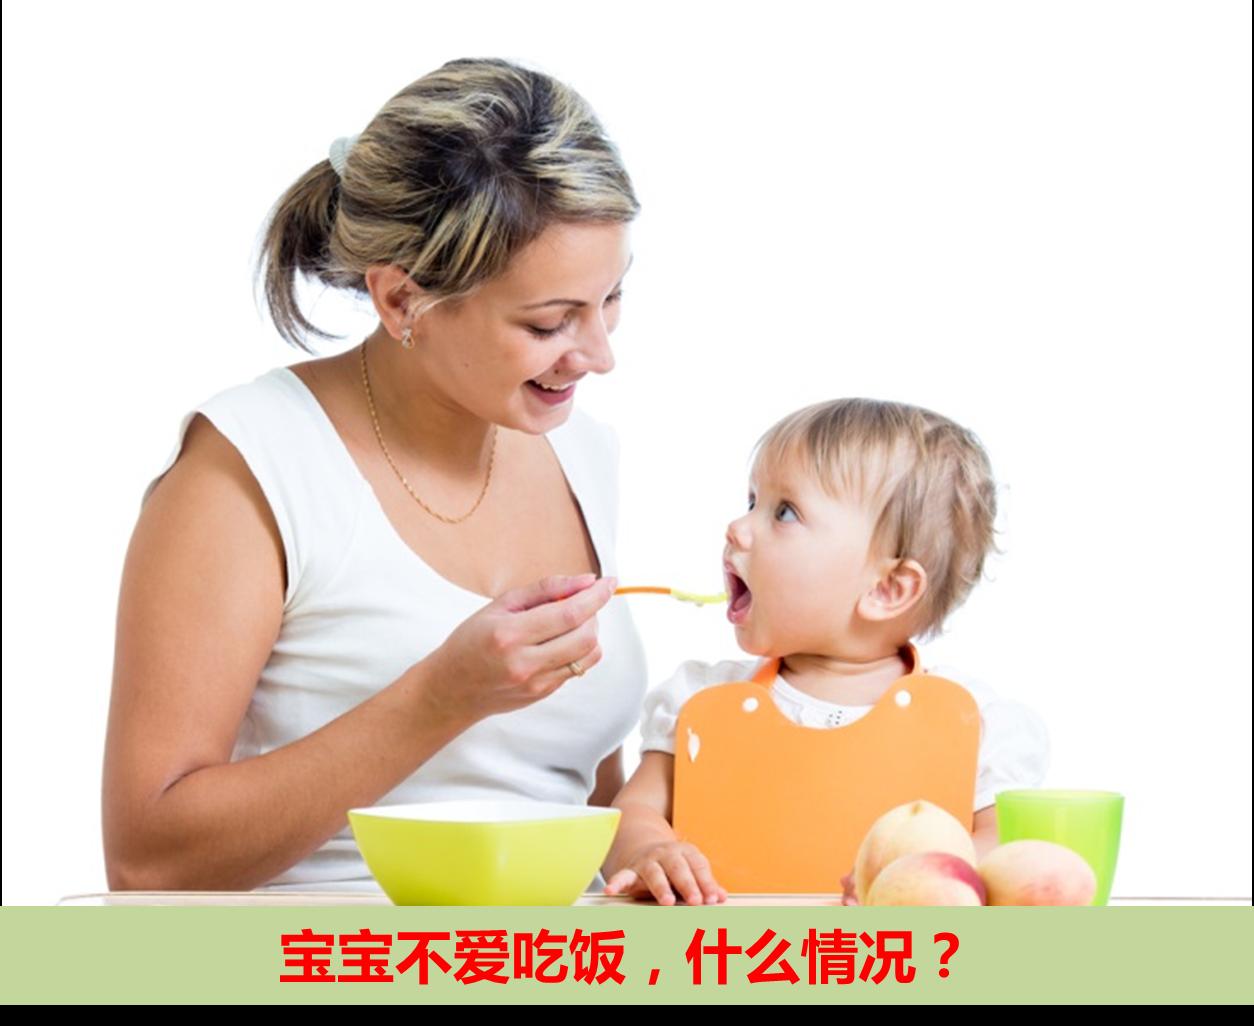 宝宝不爱吃饭,什么情况?